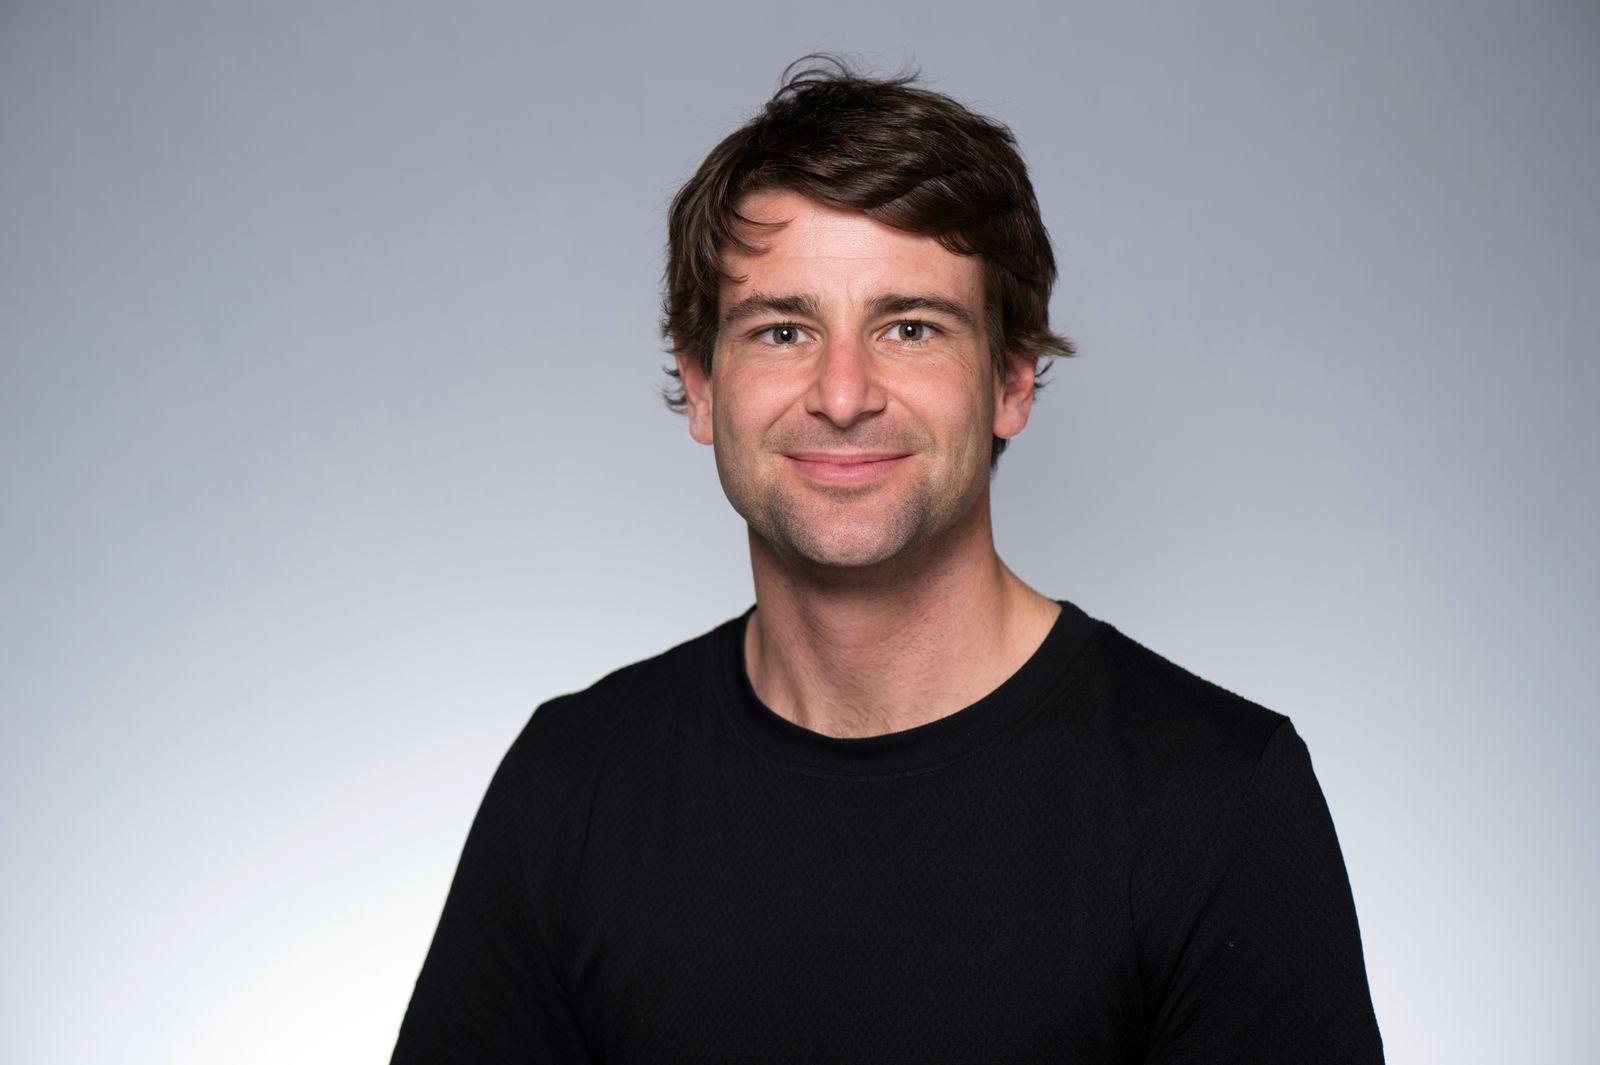 Tobias Schlager